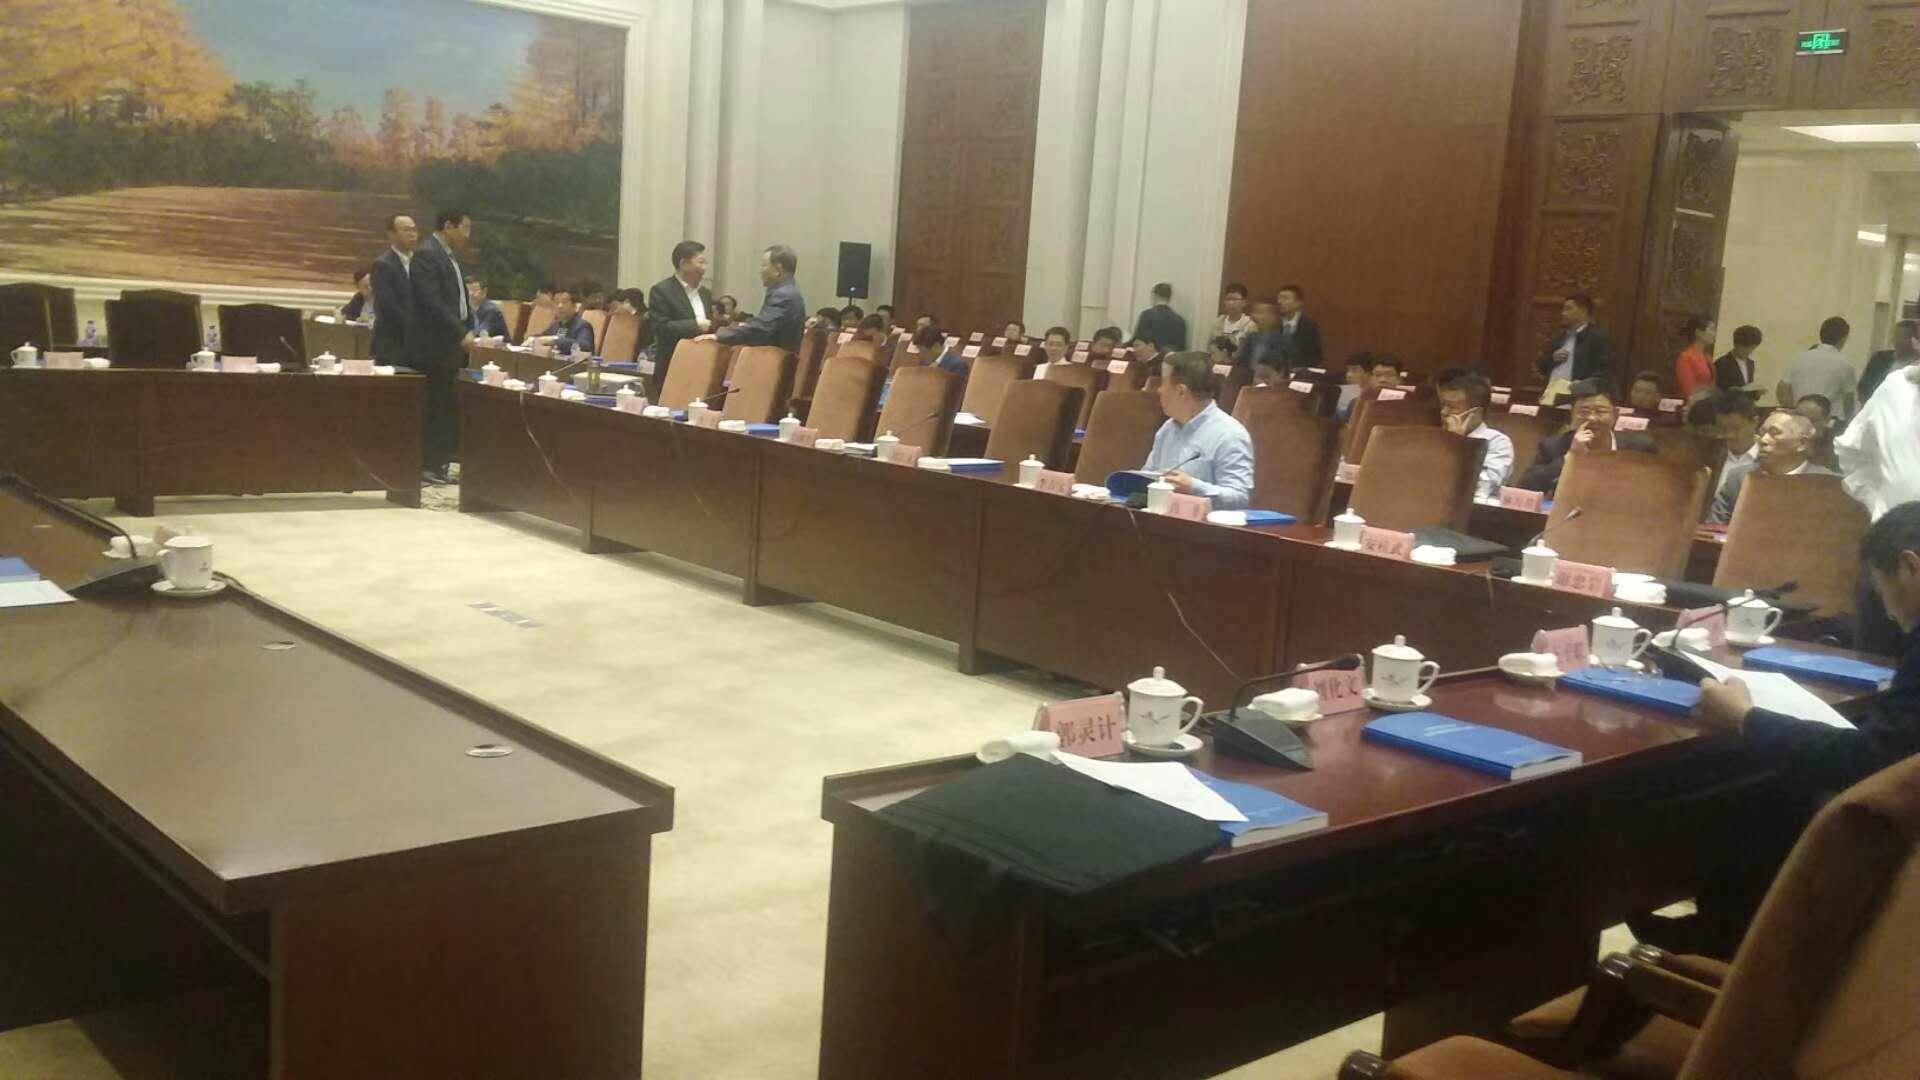 5月14日董事长应邀出席吉林省民营经济改革发展推进会